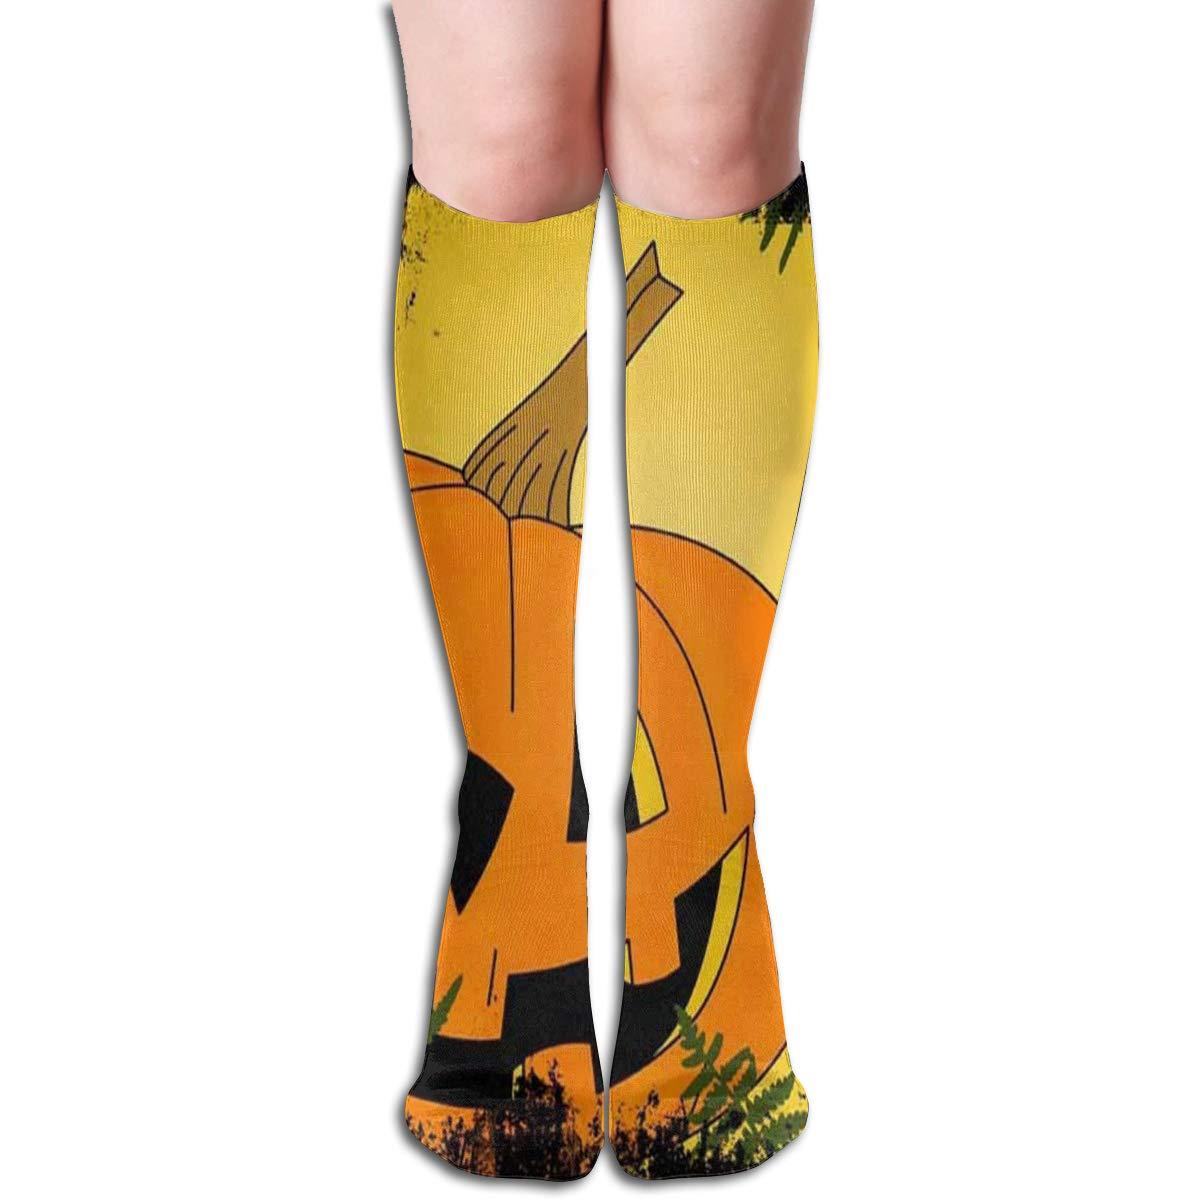 Girls Socks Over Knee Blue Flame Winter Trendy For Halloween